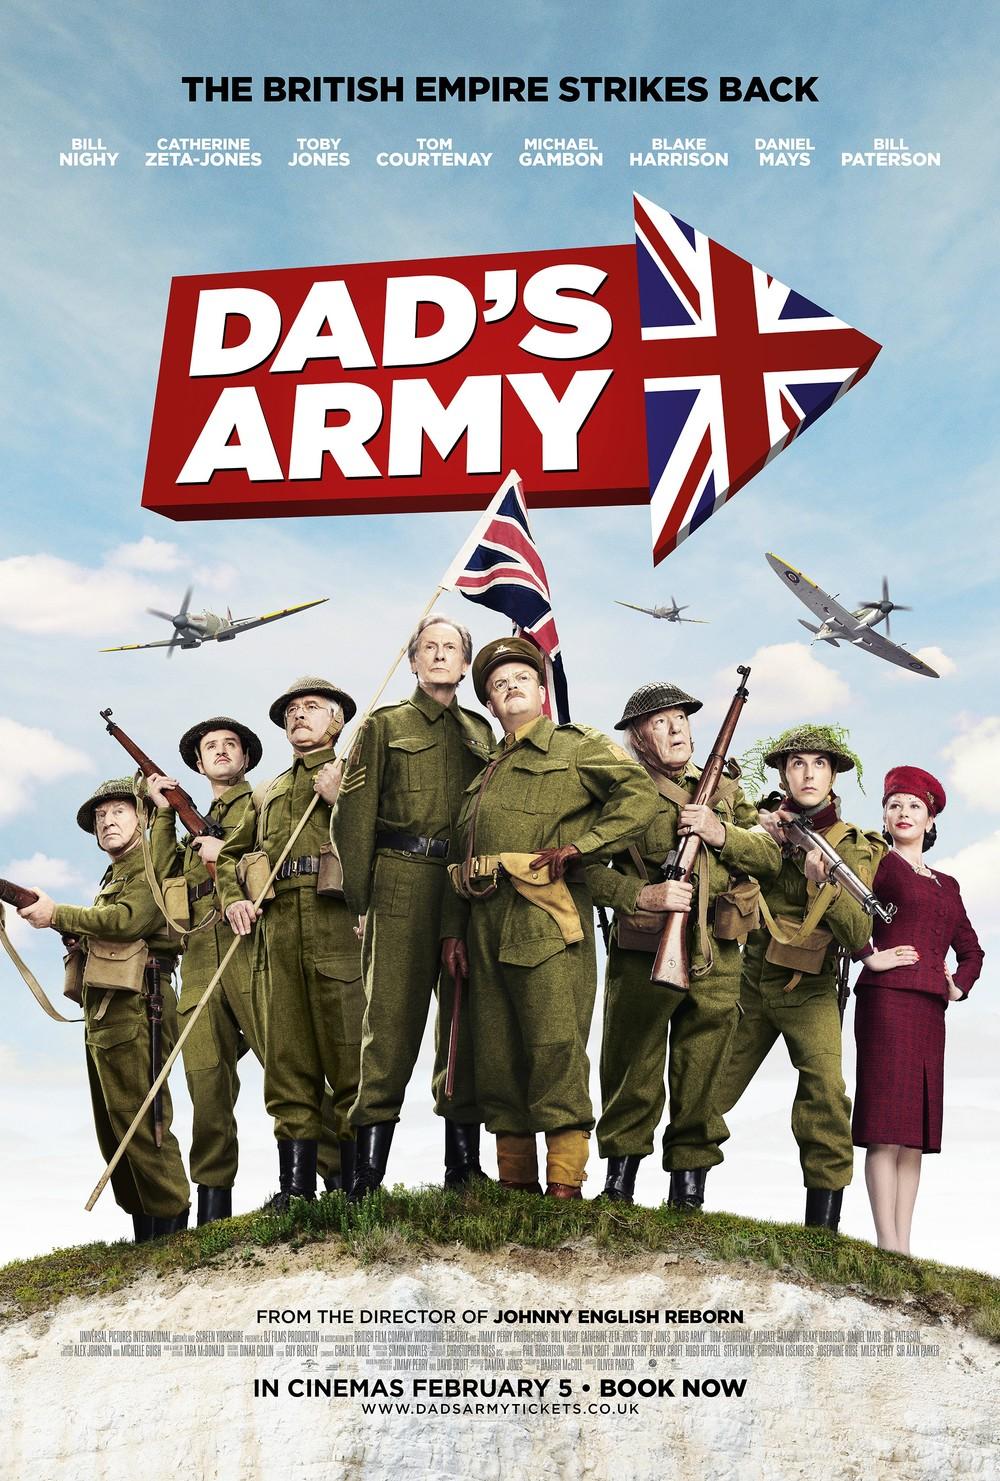 Dad's Army DVD Release Date | Redbox, Netflix, iTunes, Amazon